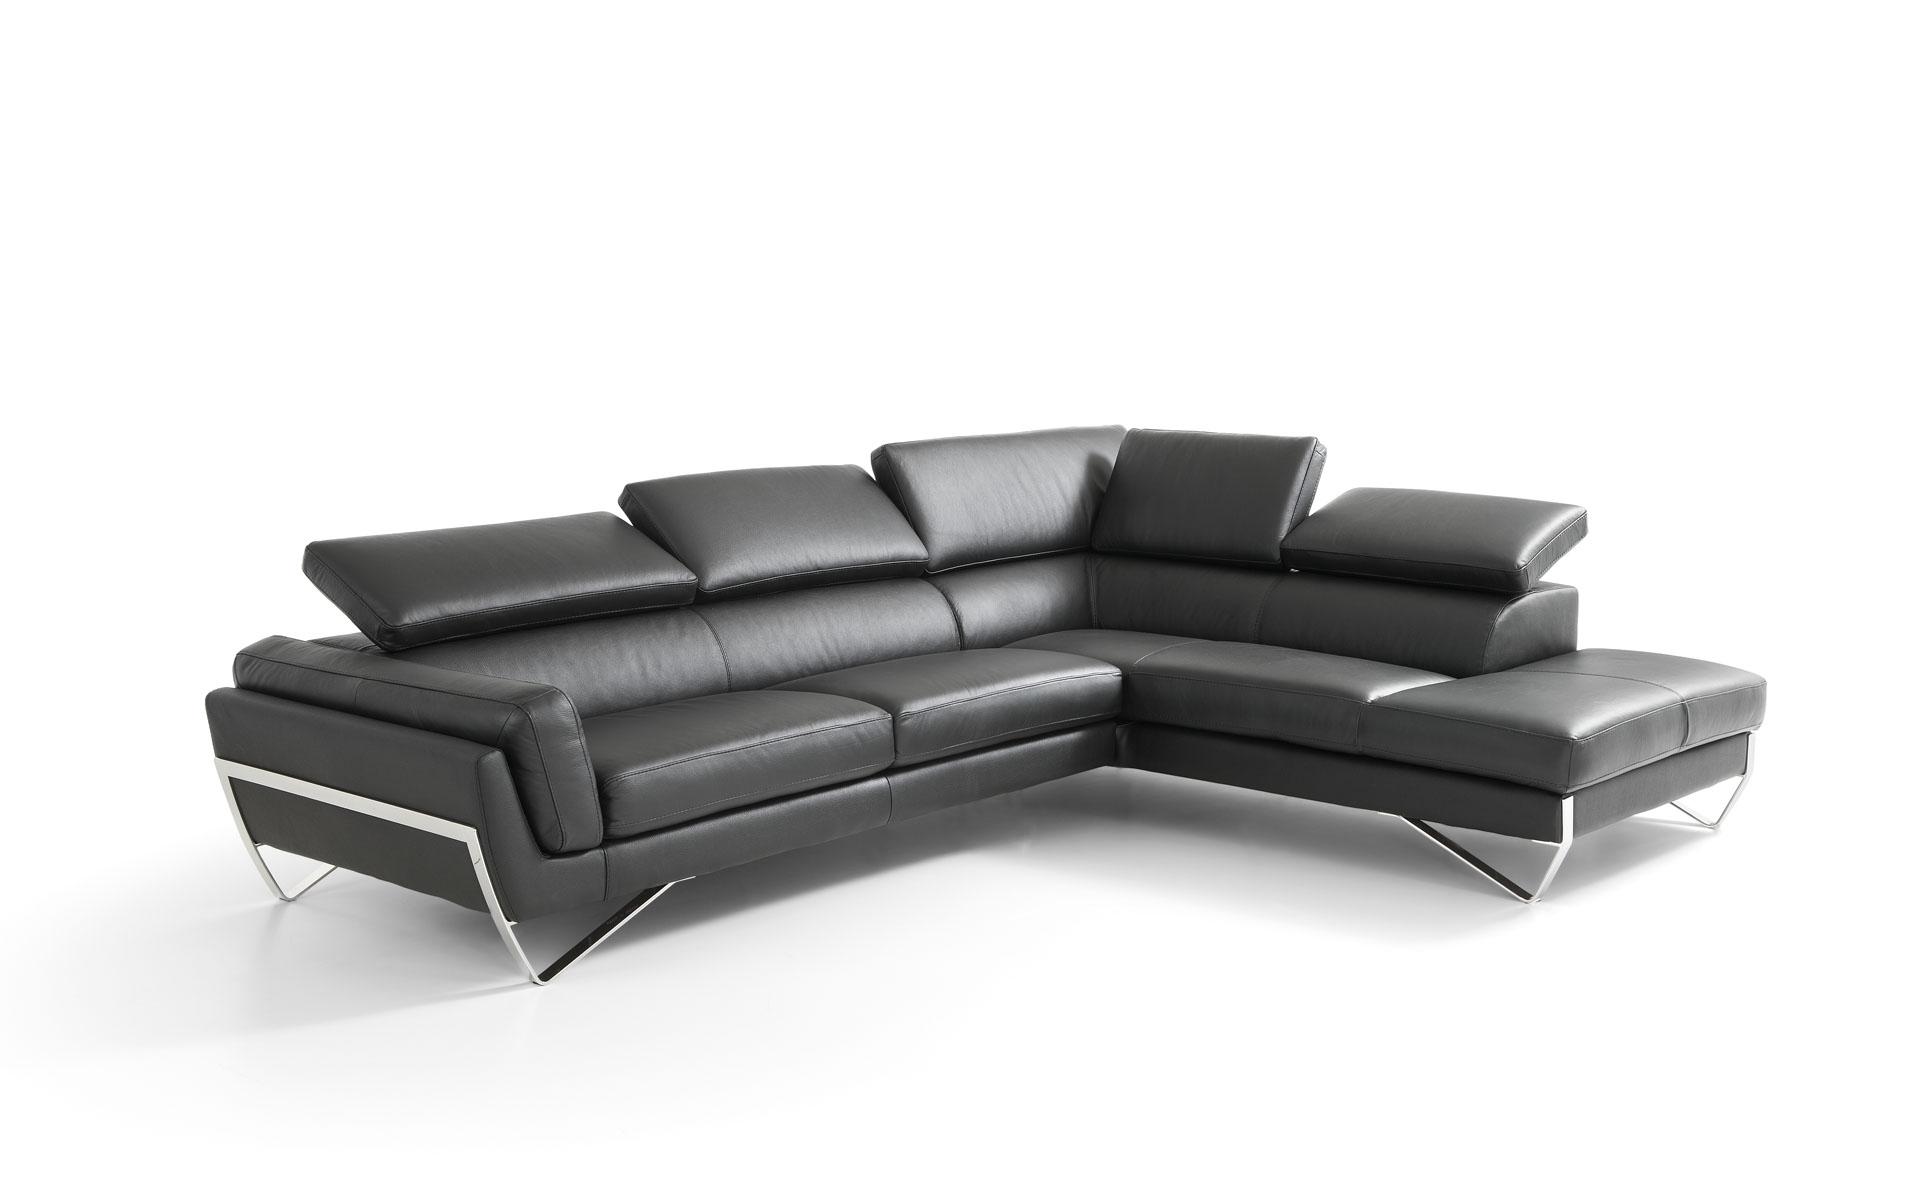 Divano angolare in pelle moderno con poggiatesta reclinabili in promozione divani a prezzi - Divano moderno angolare ...